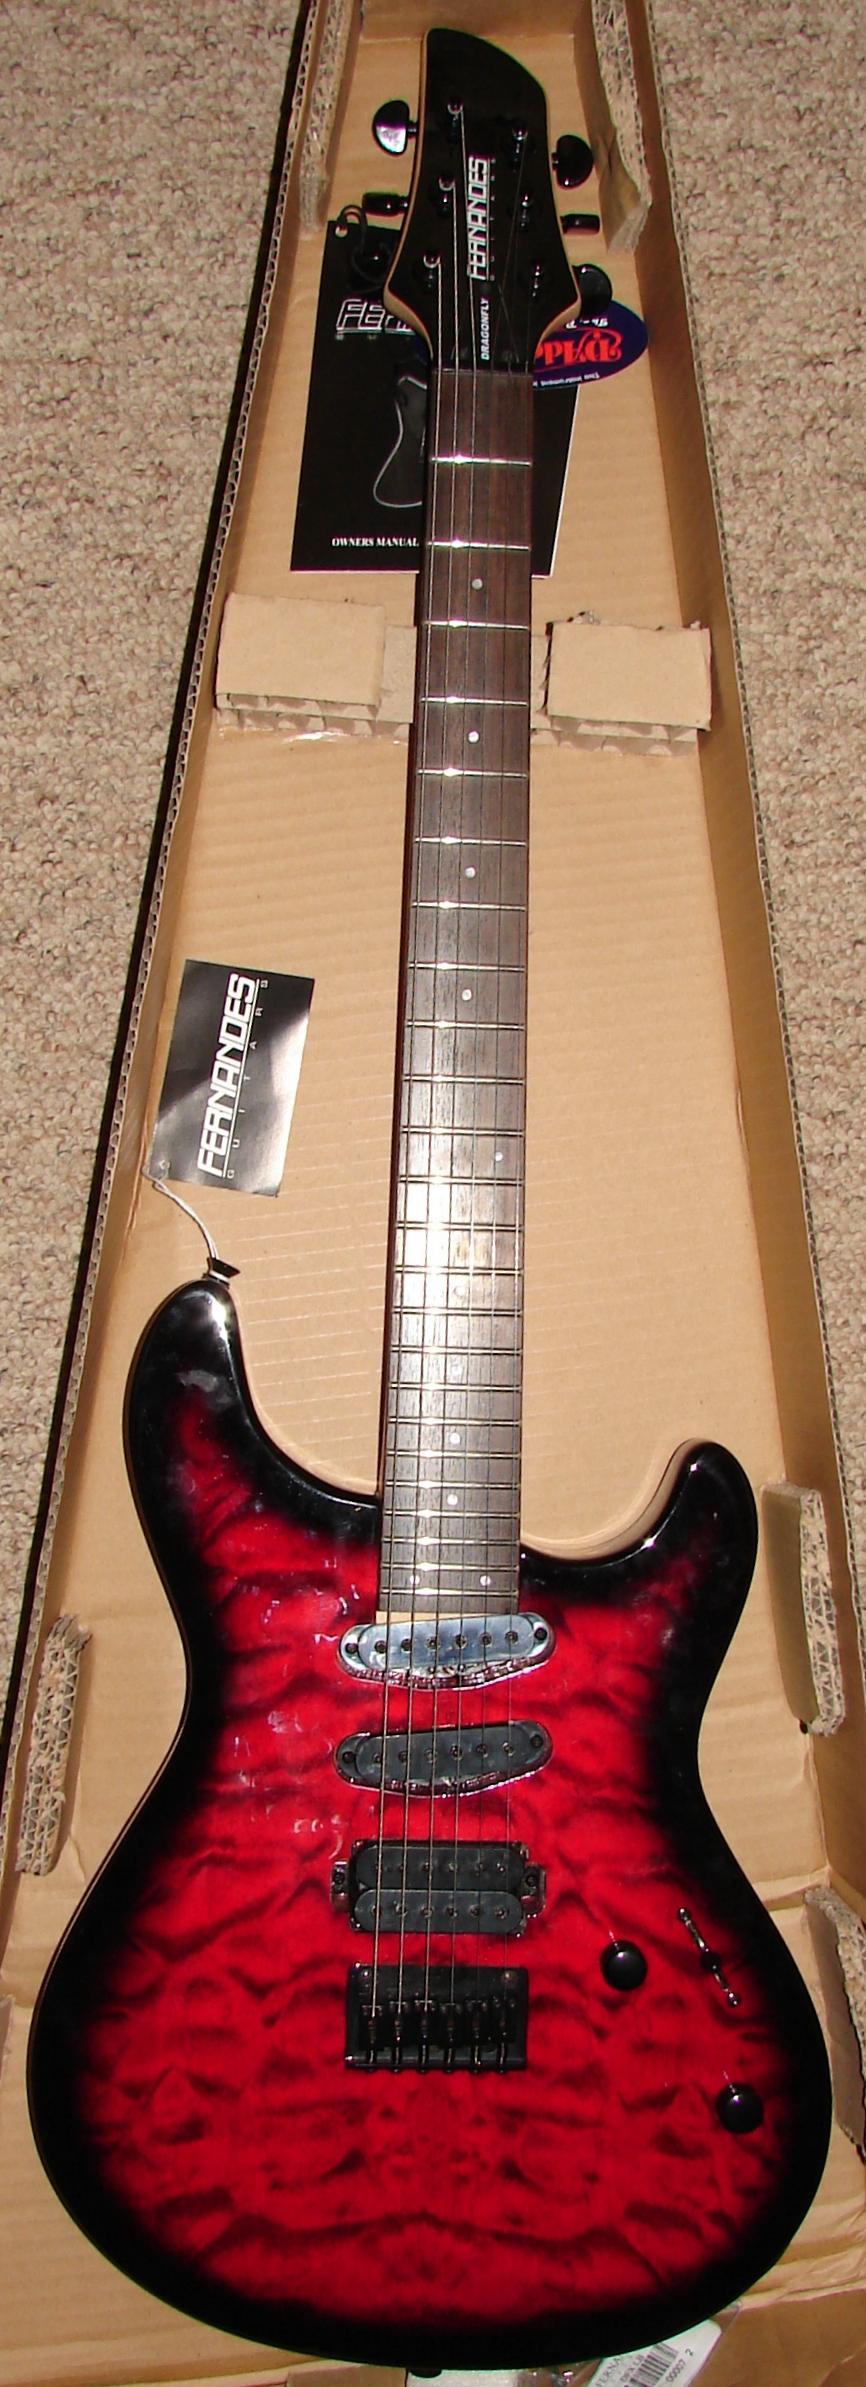 Fernando Dragonfly X Guitar by FantasyStock